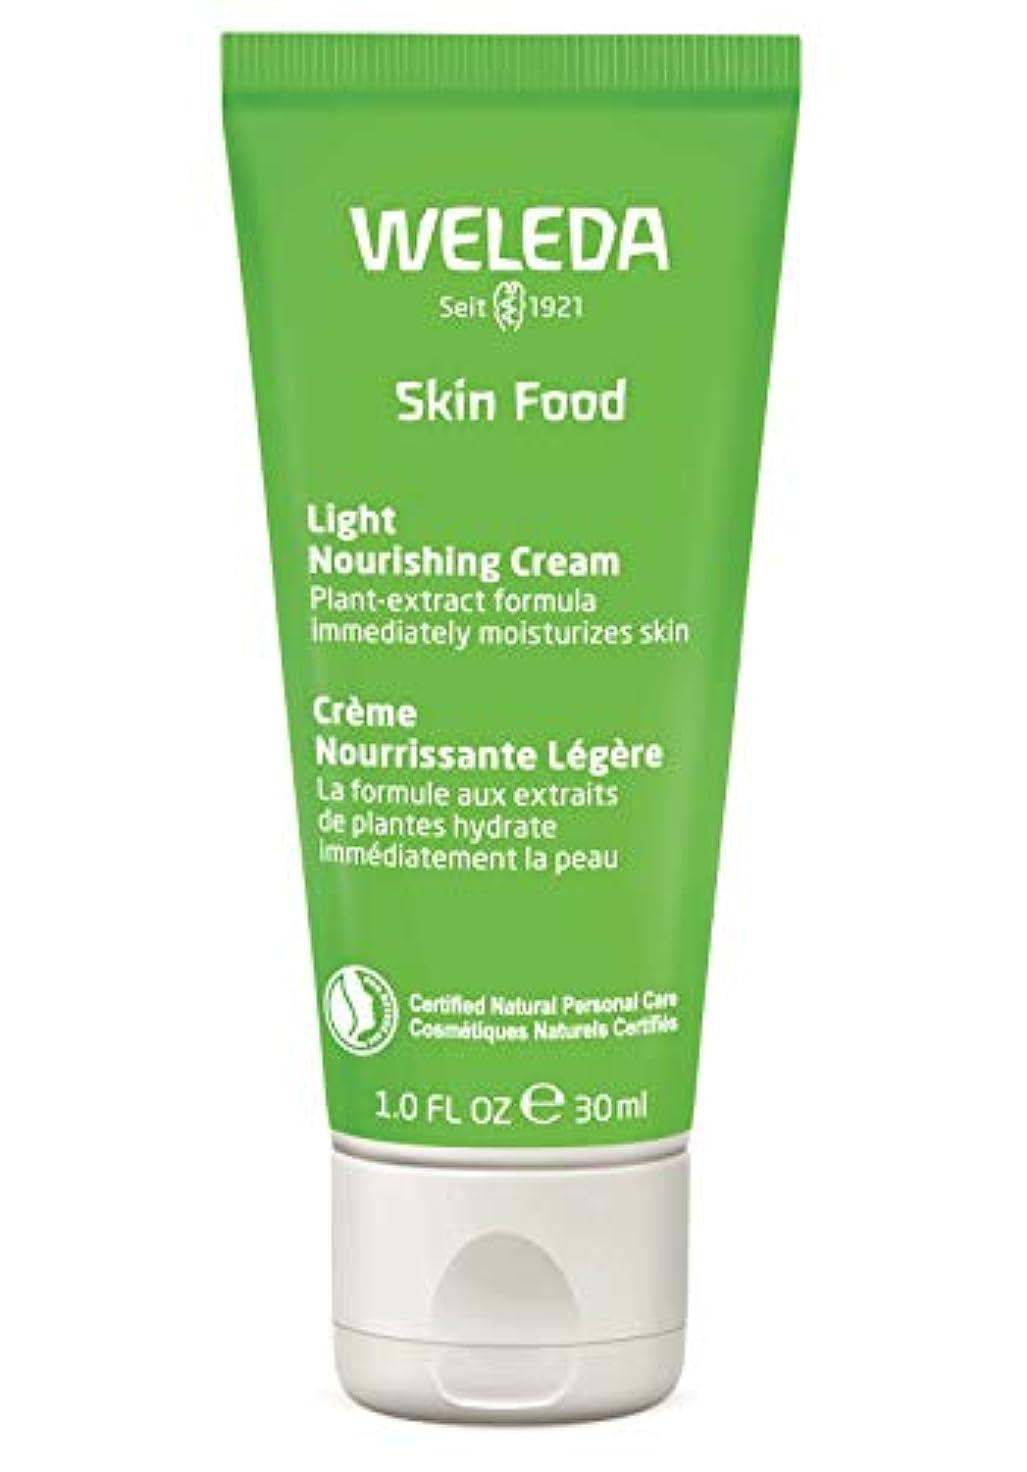 いいねルーフまつげWELEDA(ヴェレダ)スキンフード ライトボディクリームフレッシュで親しみやすい香り本体